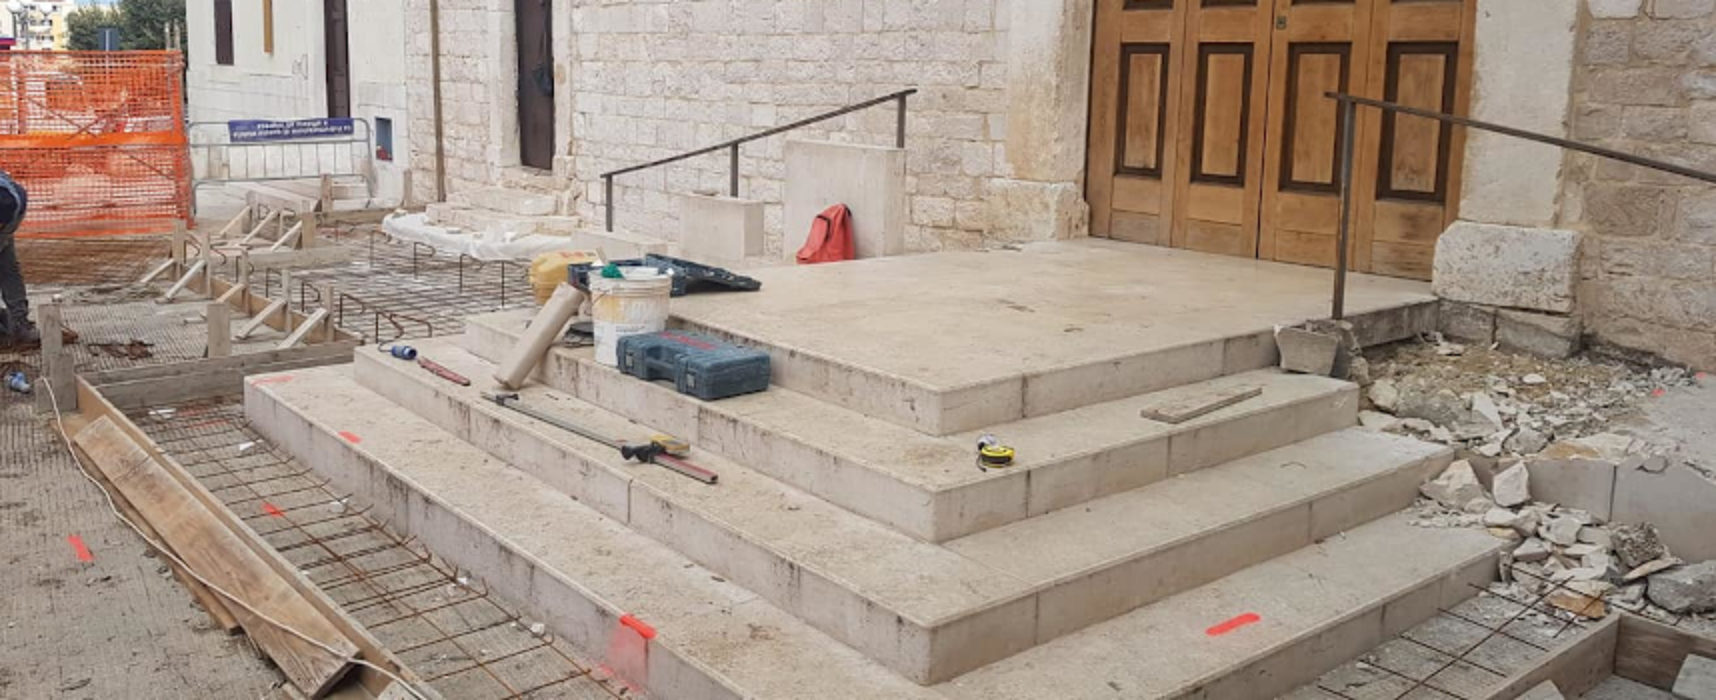 Parrocchia san Lorenzo, al via i lavori per abbattimento barriere architettoniche / FOTO